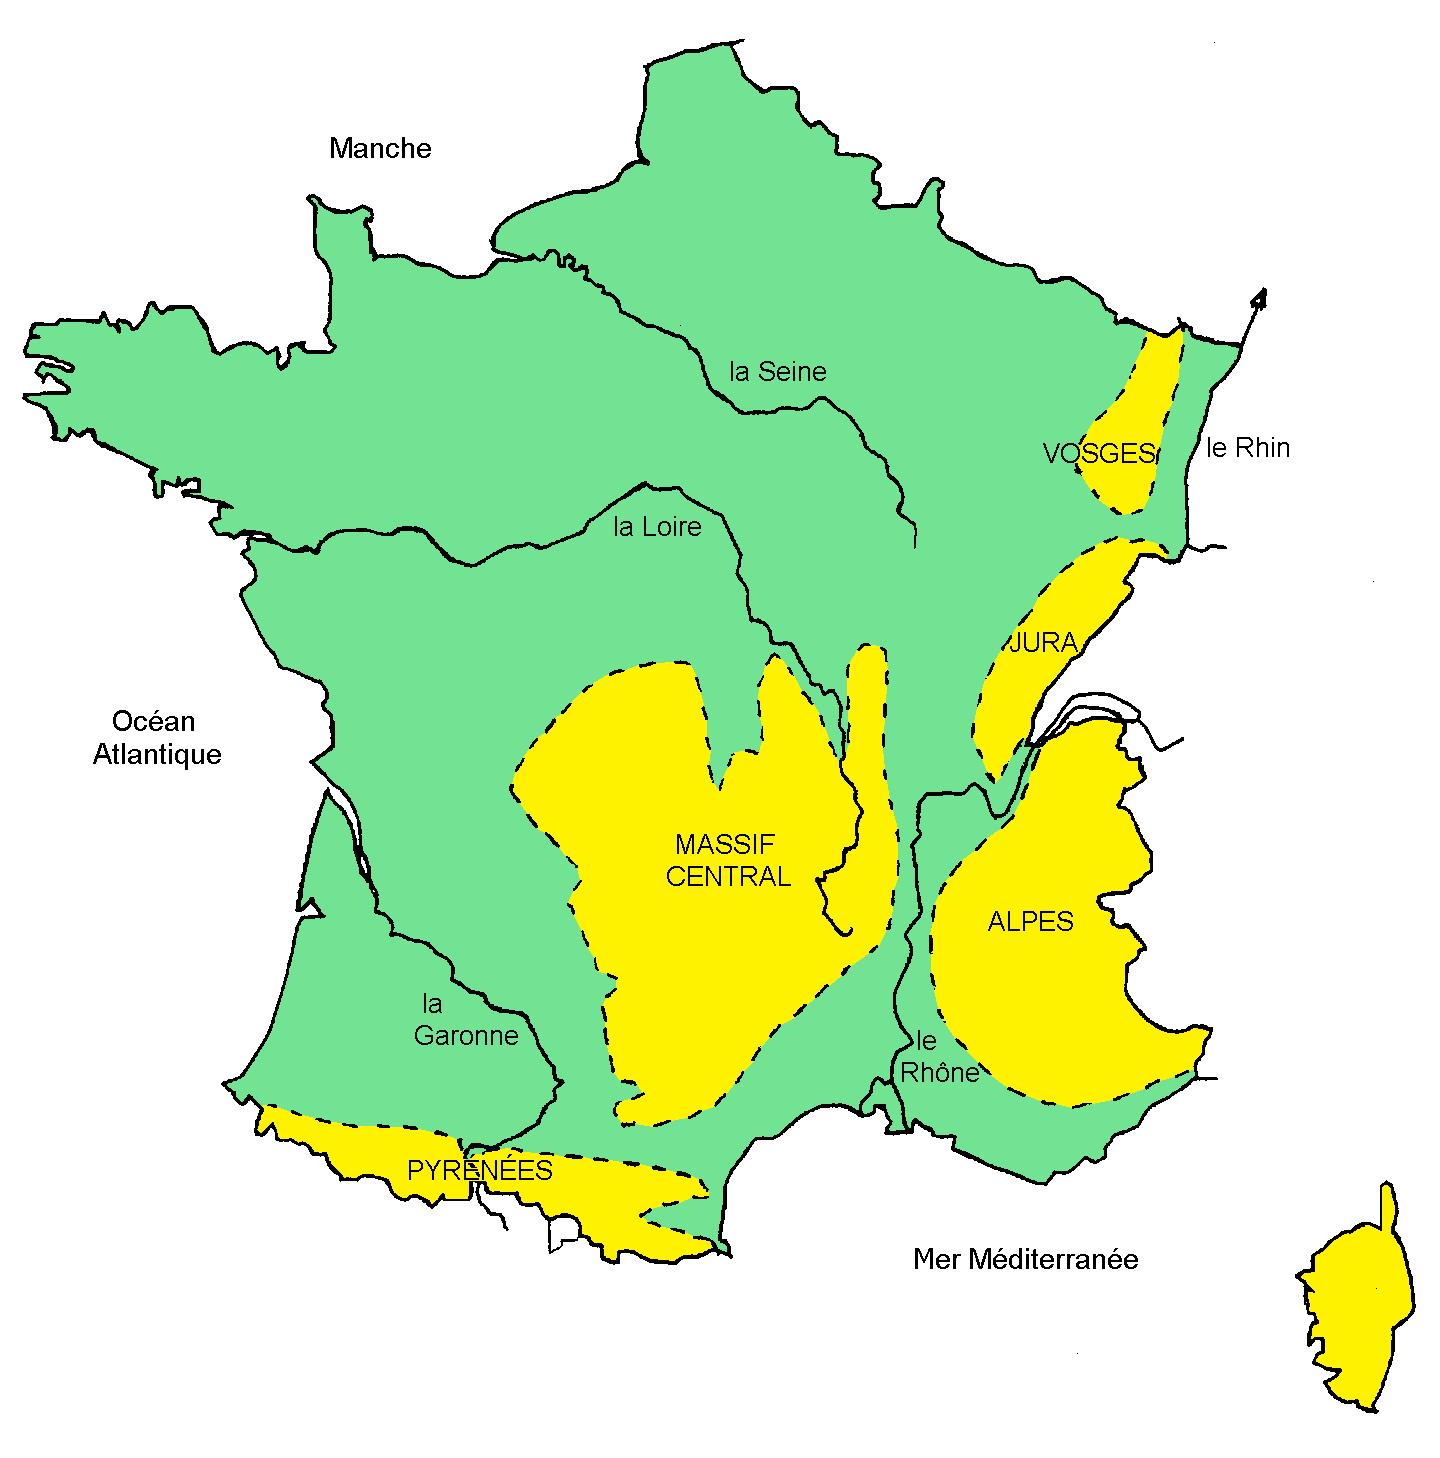 Télécharger Carte De France Fleuves Et Montagnes Vierge Pdf pour Carte De France Avec Les Fleuves